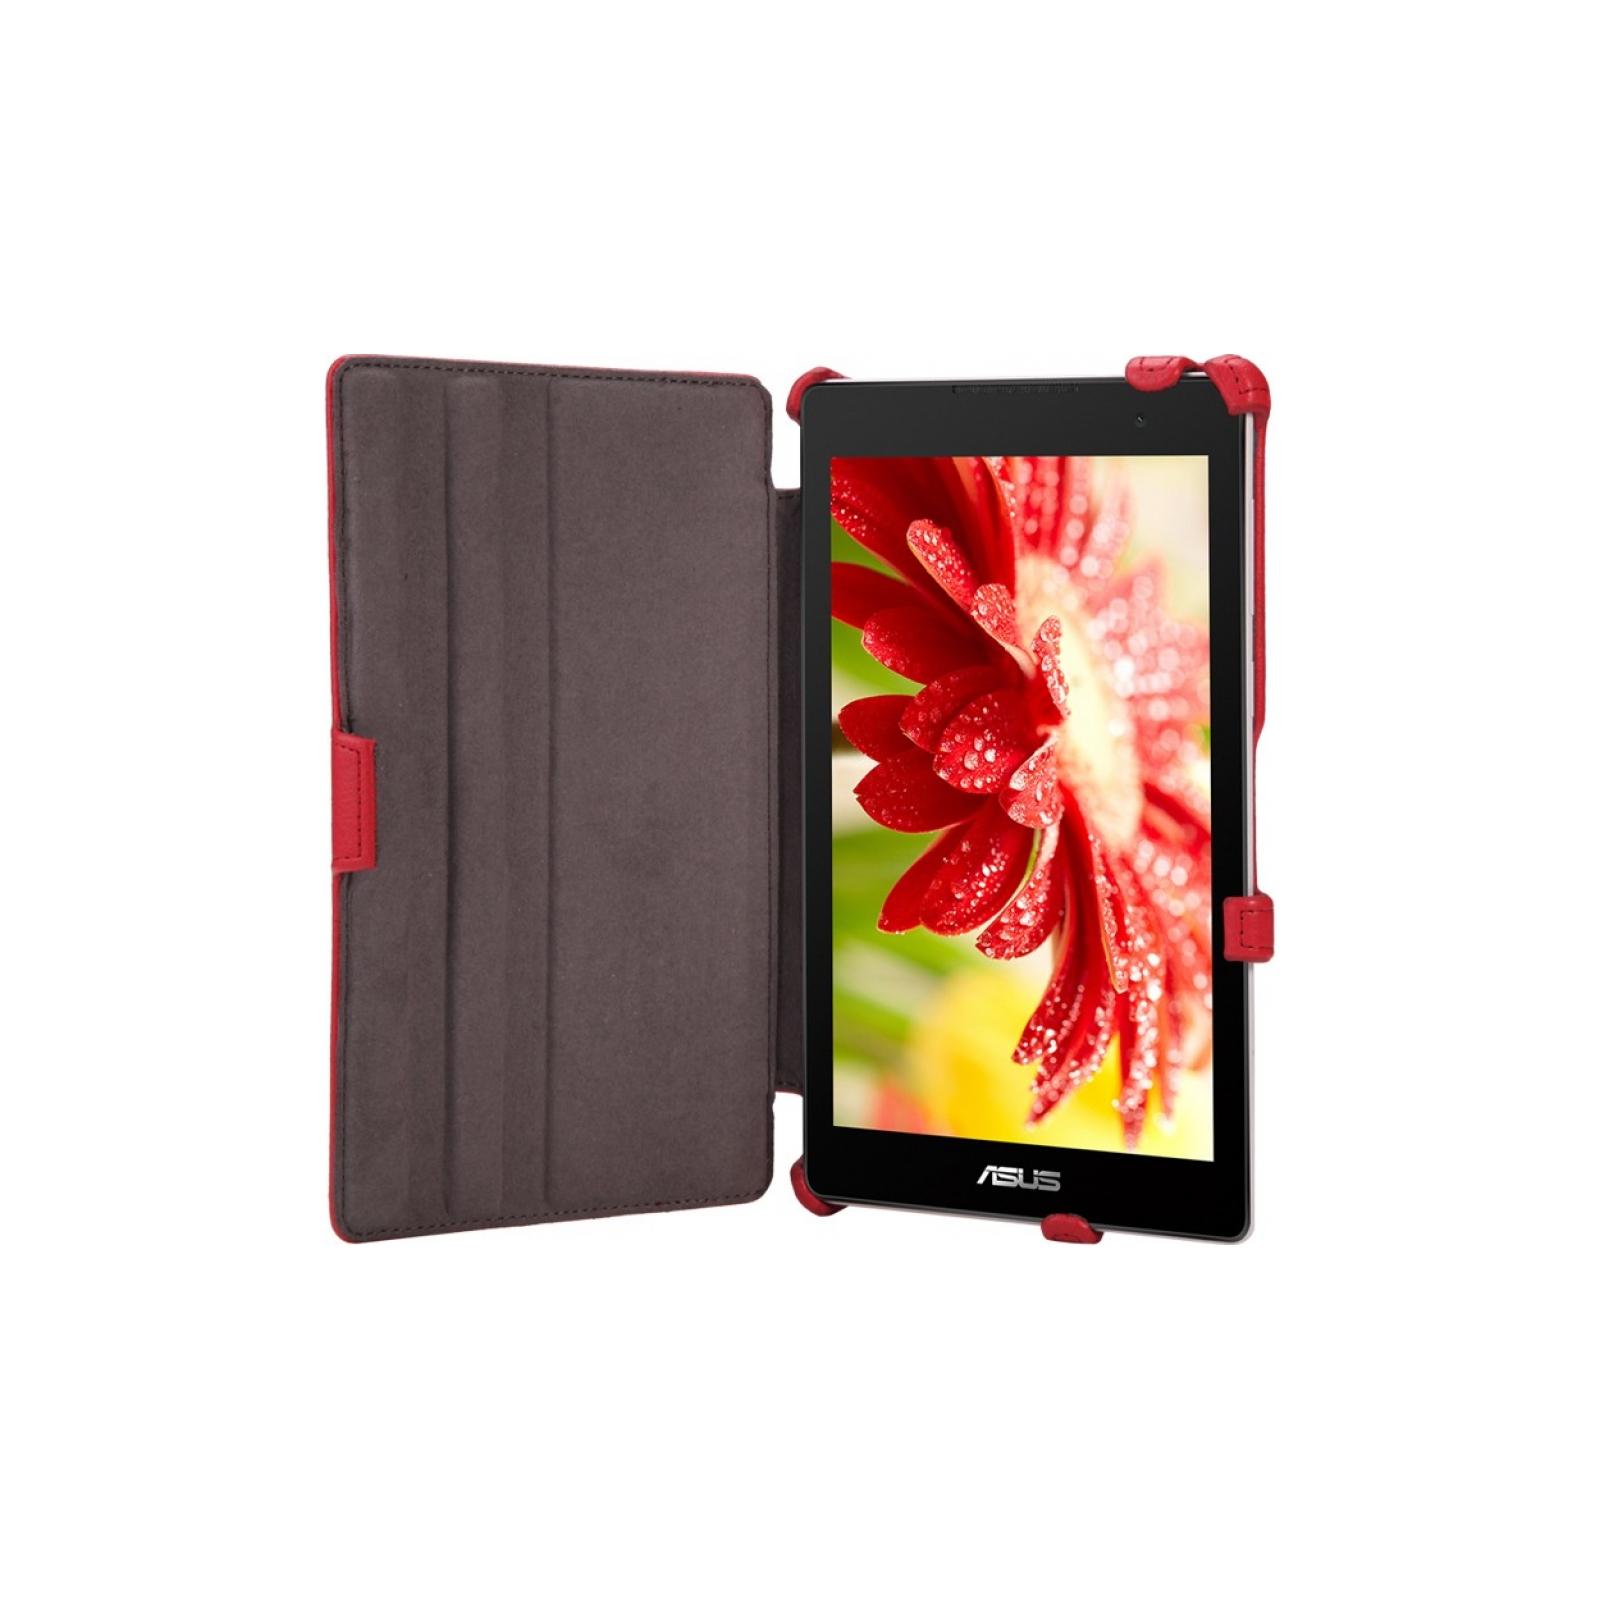 Чехол для планшета AirOn для ASUS ZenPad 7.0 (Z170) (4822352775551) изображение 3